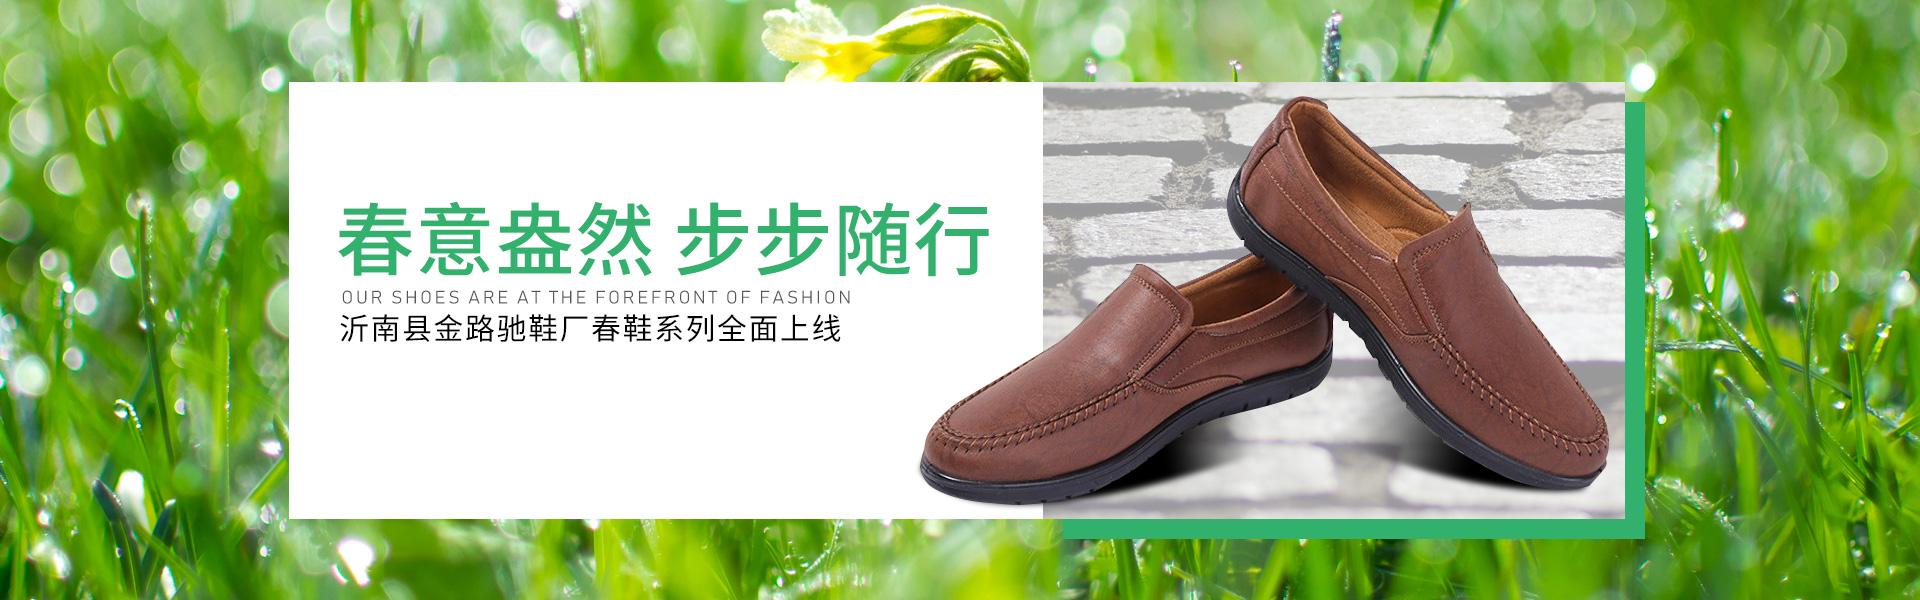 山东布鞋厂家,山东运动布鞋,临沂老北京布鞋,休闲鞋生产厂家,沂南县金路驰鞋厂